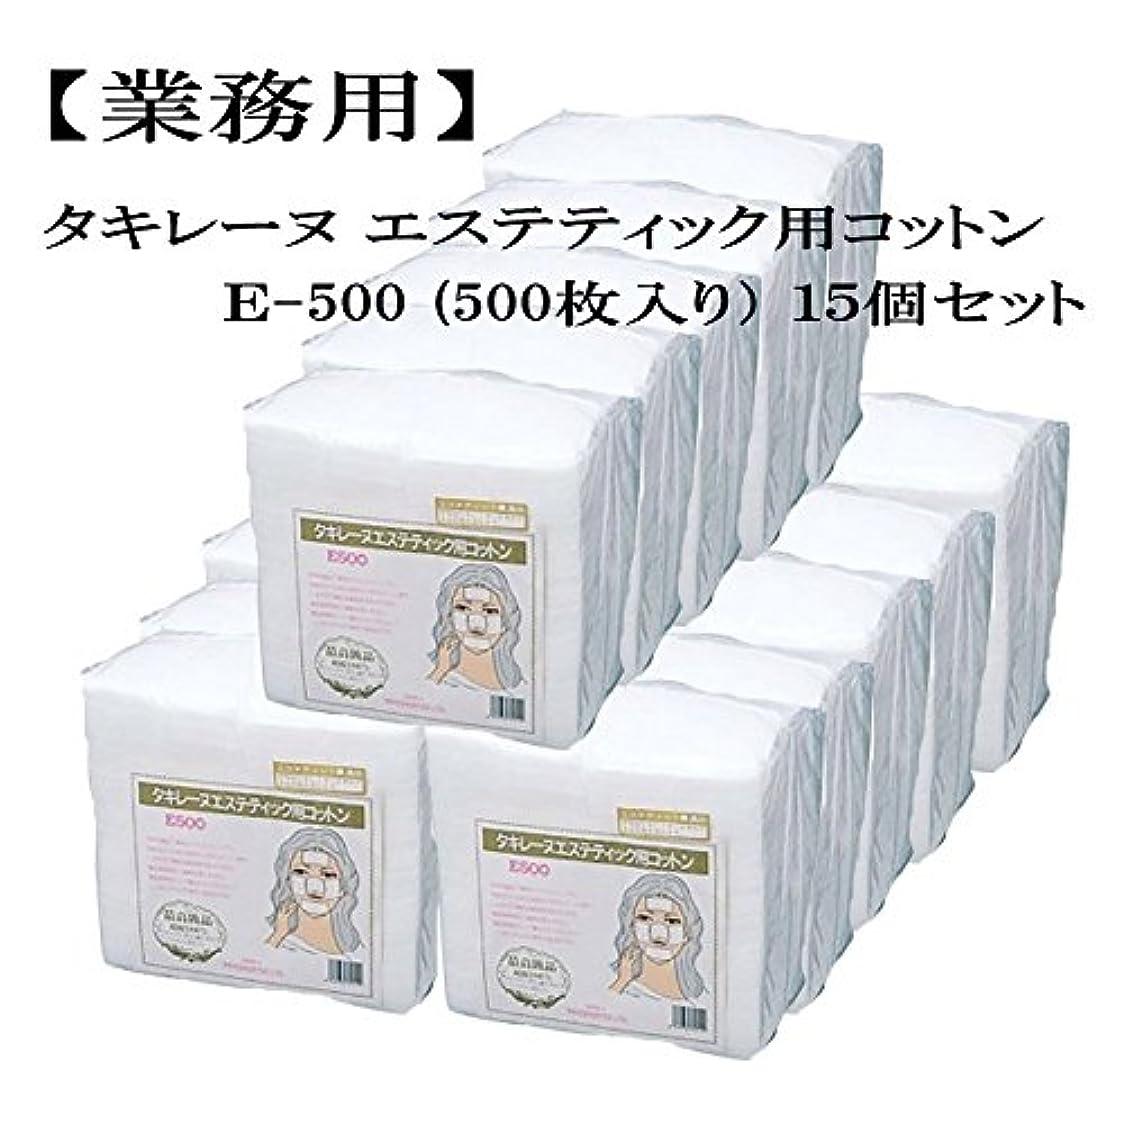 伝説オーブンマーティンルーサーキングジュニアタキレーヌ エステティック用コットン E-500 500枚入 15個セット 業務用